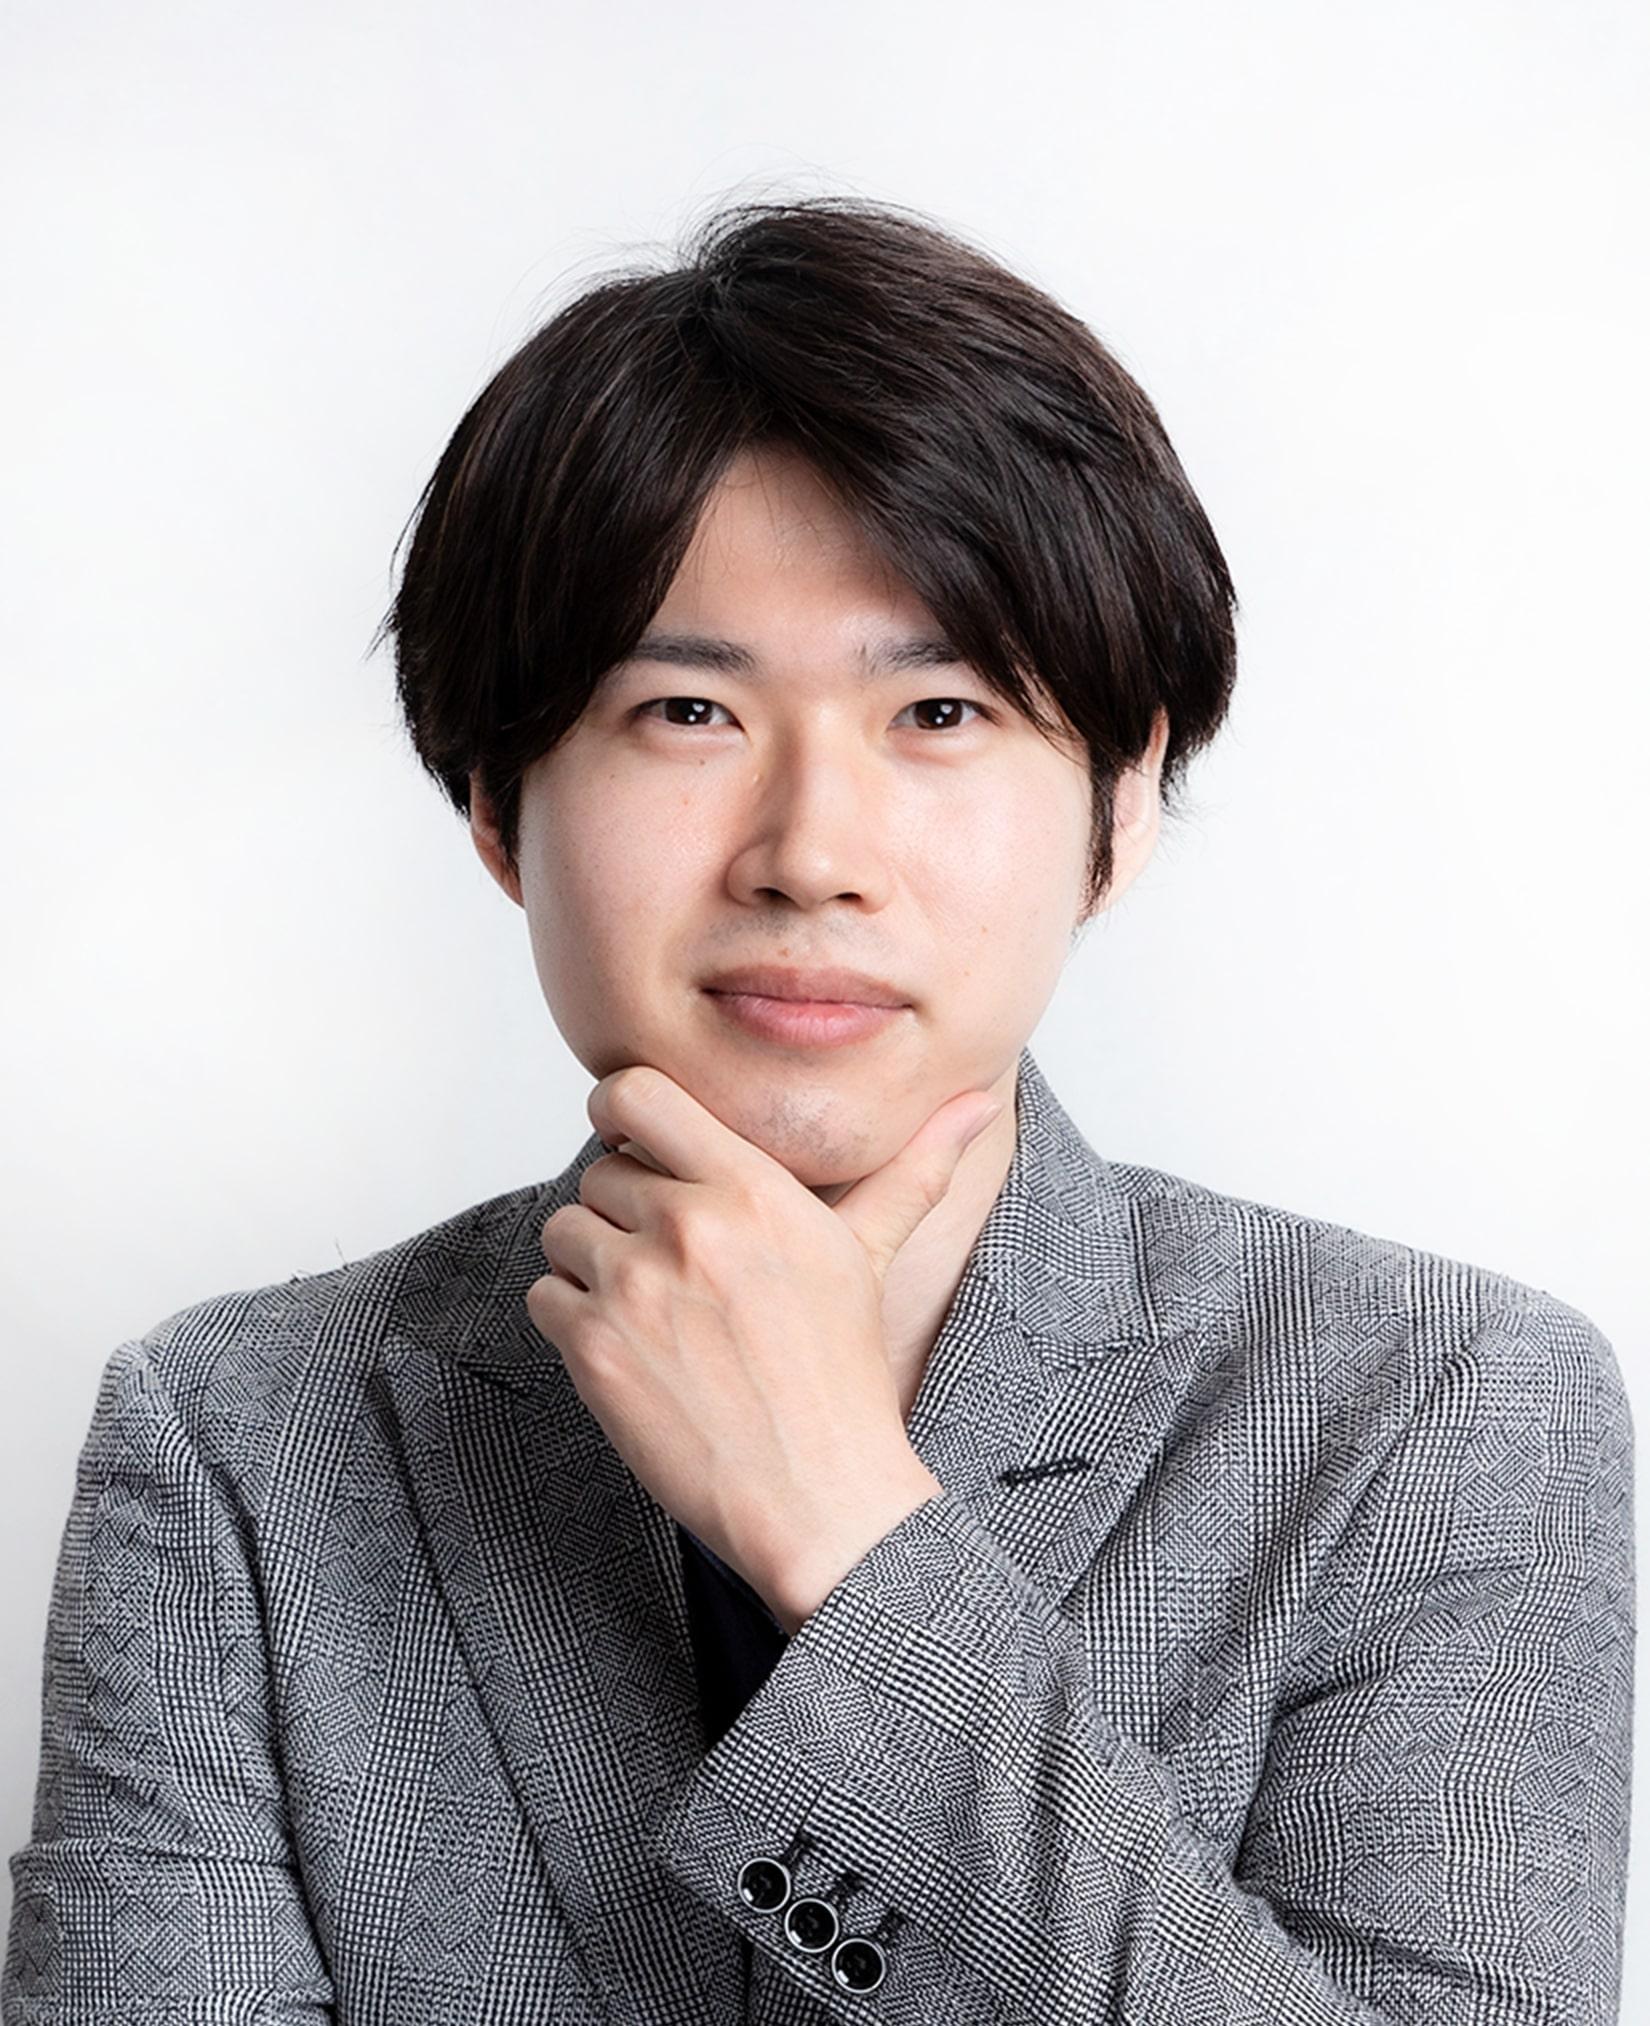 「株式会社ライバー」プラットフォームバリューアップ担当 安井祐太朗